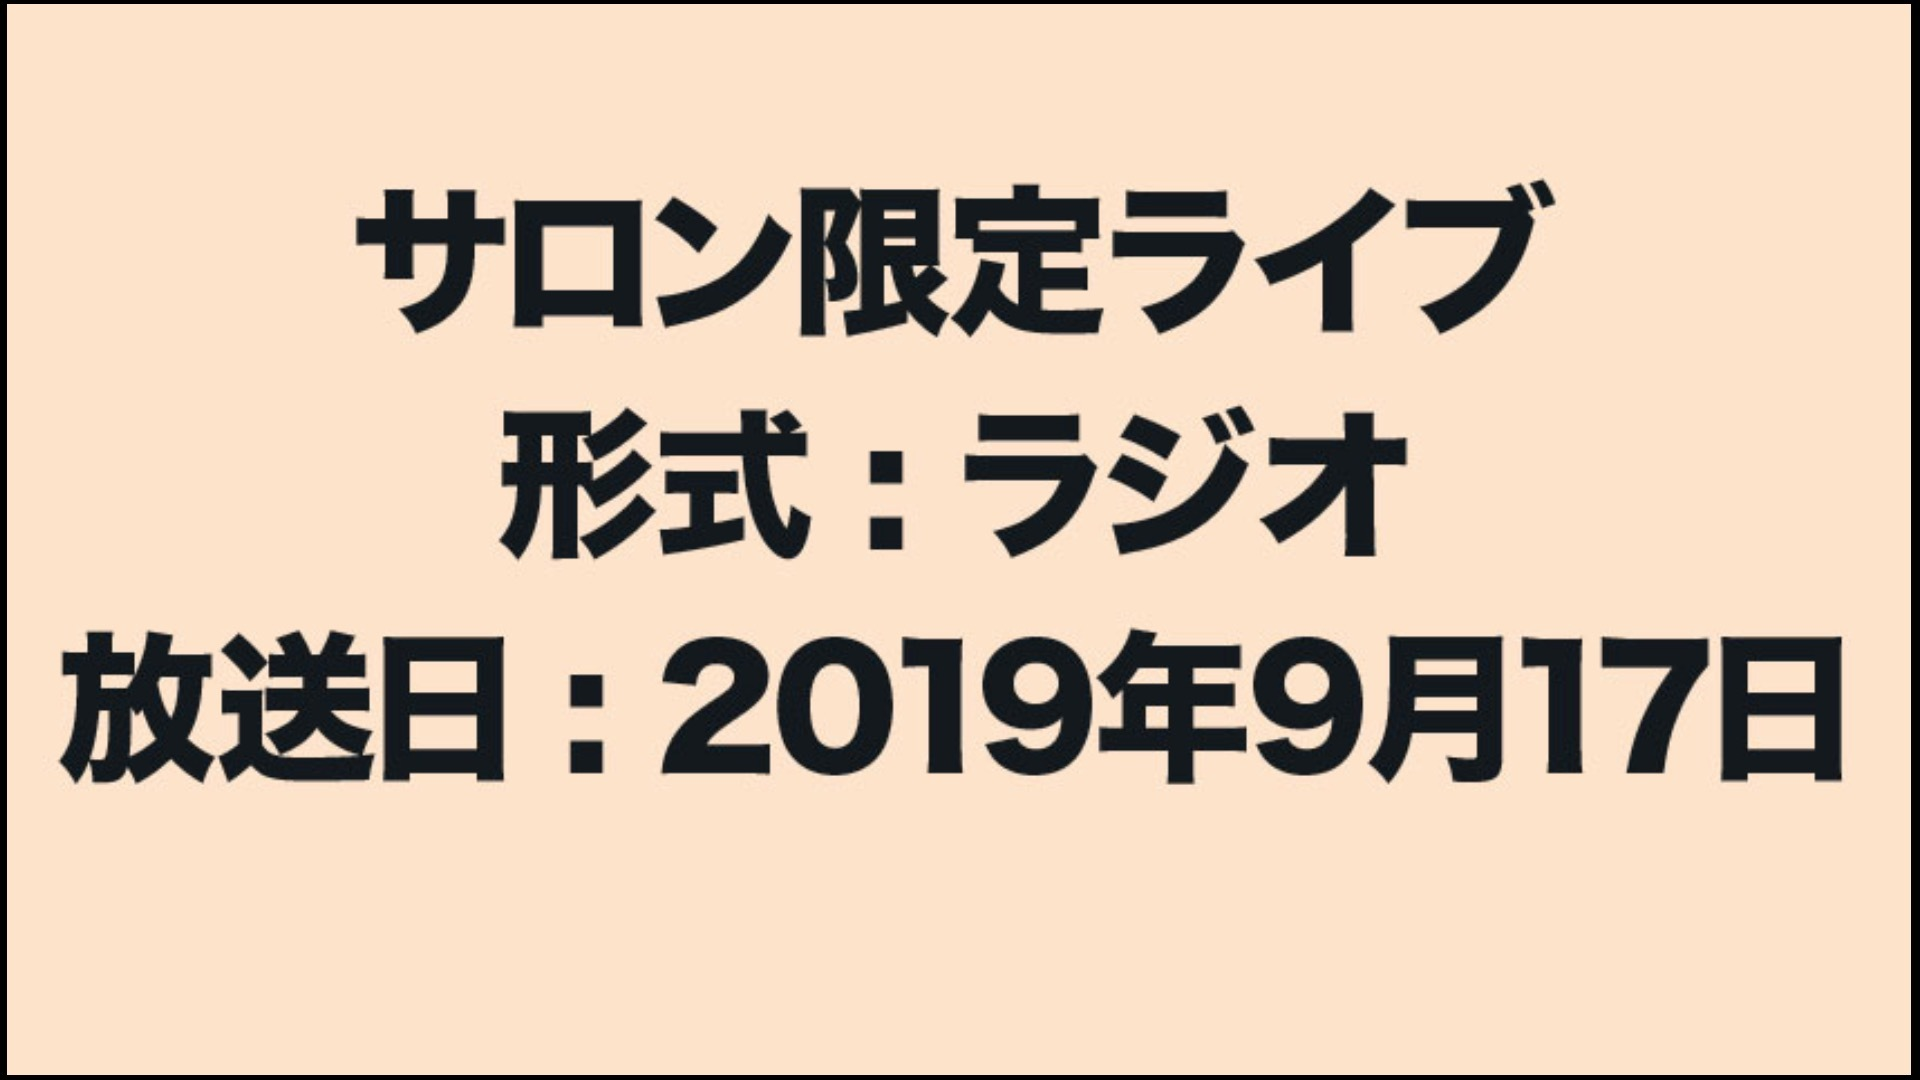 サロン限定ライブ 2019年9月17日